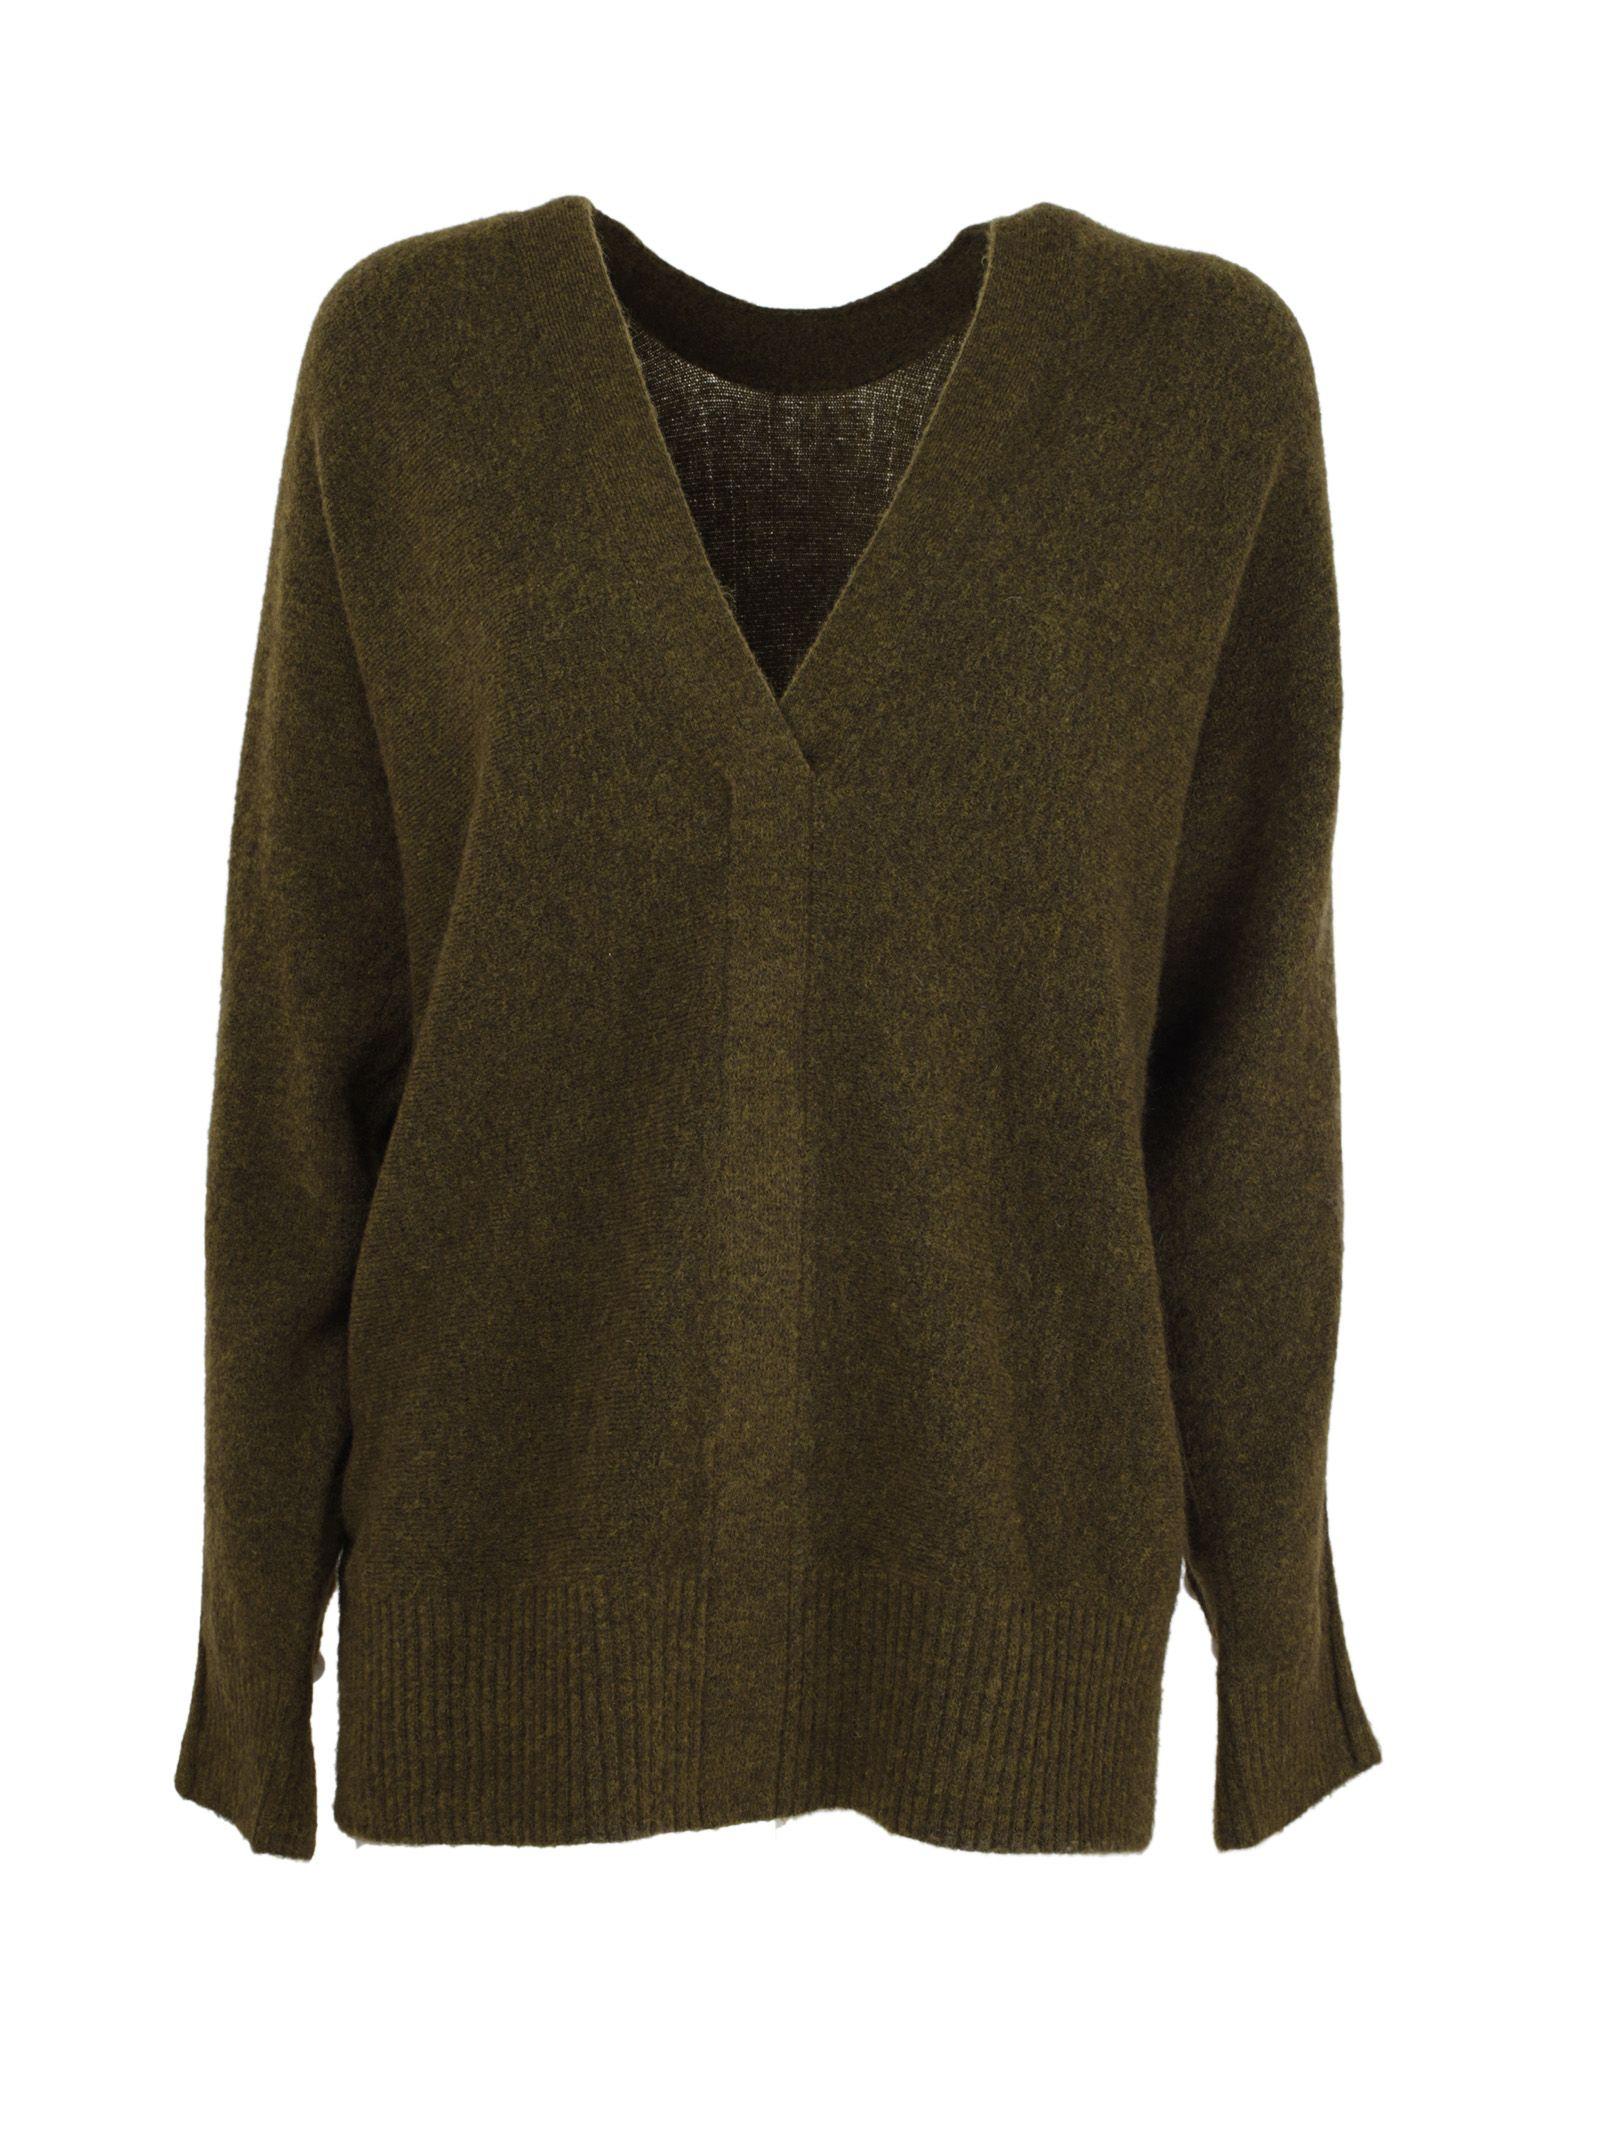 3.1 Phillip Lim 3.1 Phillip Lim V-neck Sweater